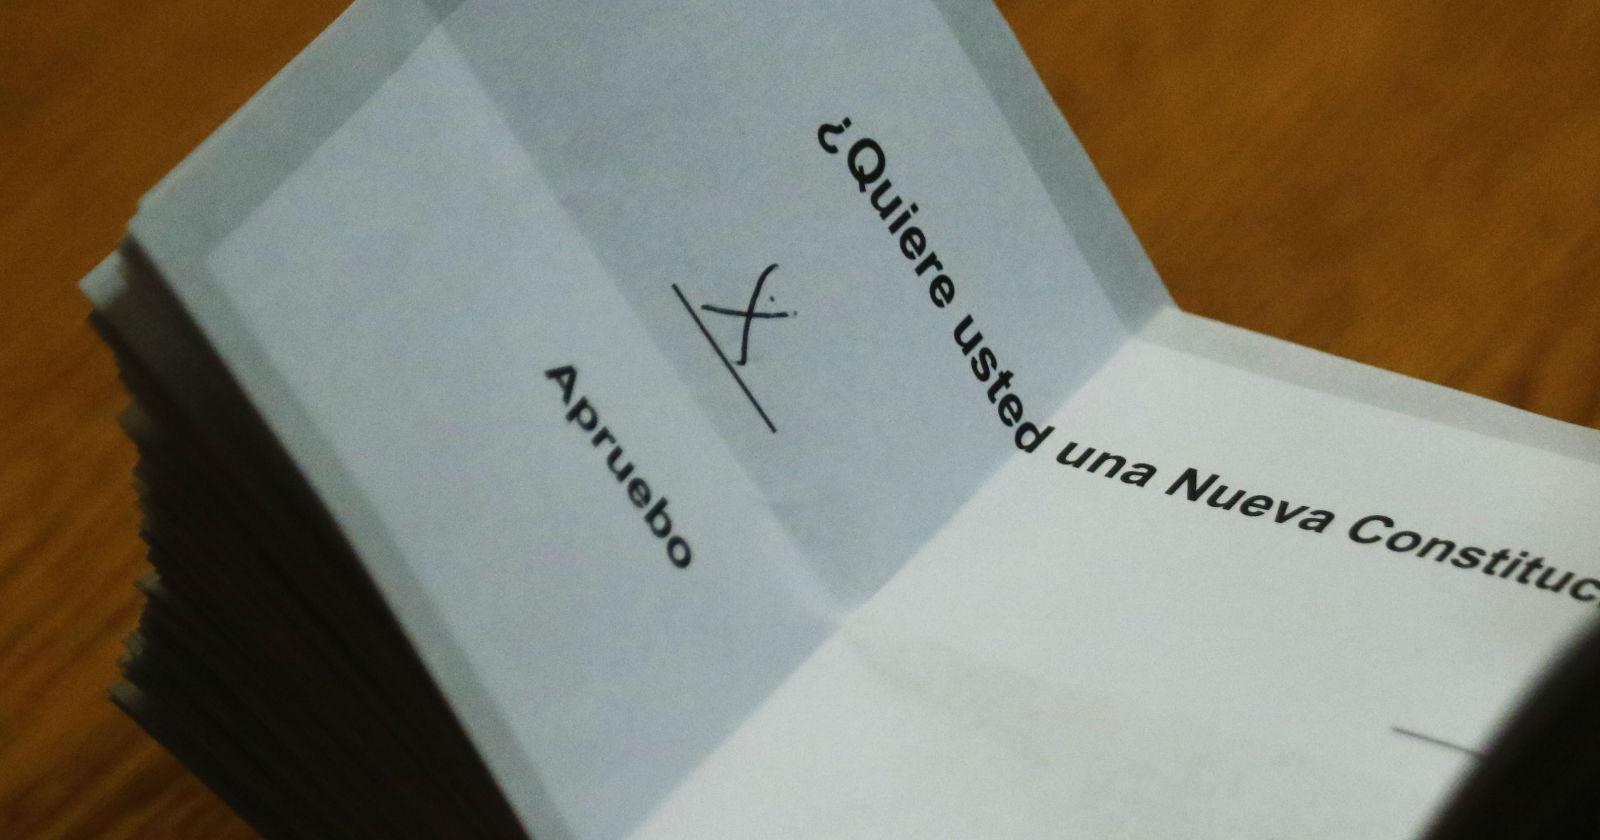 Plebiscito 2020: chilenos apostaron dinero por el apruebo o el rechazo